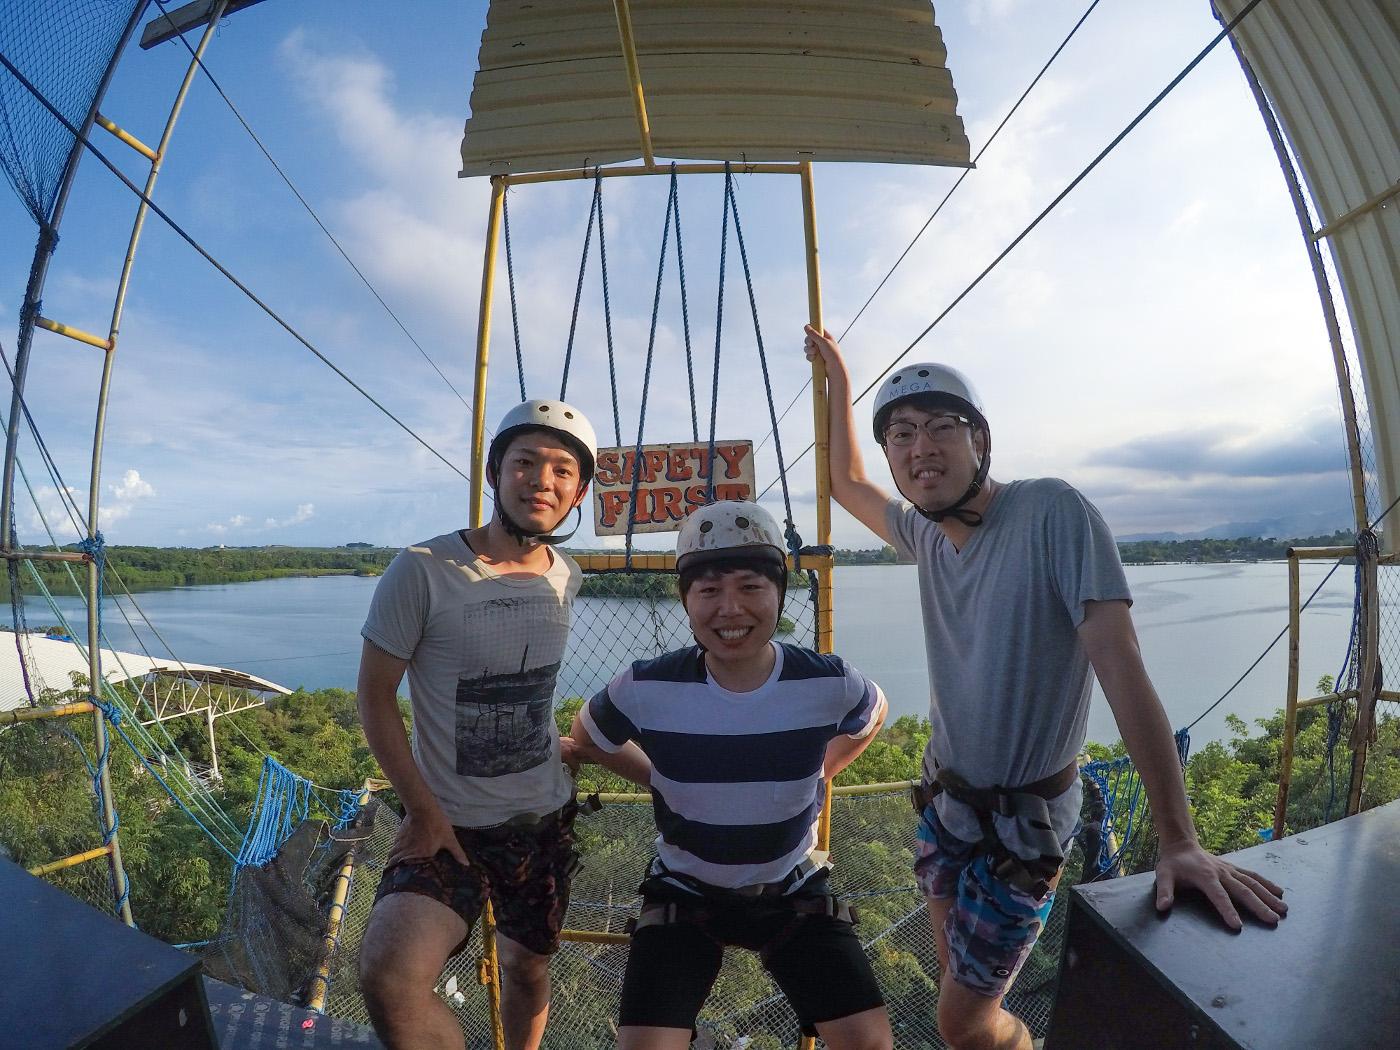 ジップラインを楽しむ男性3人の写真